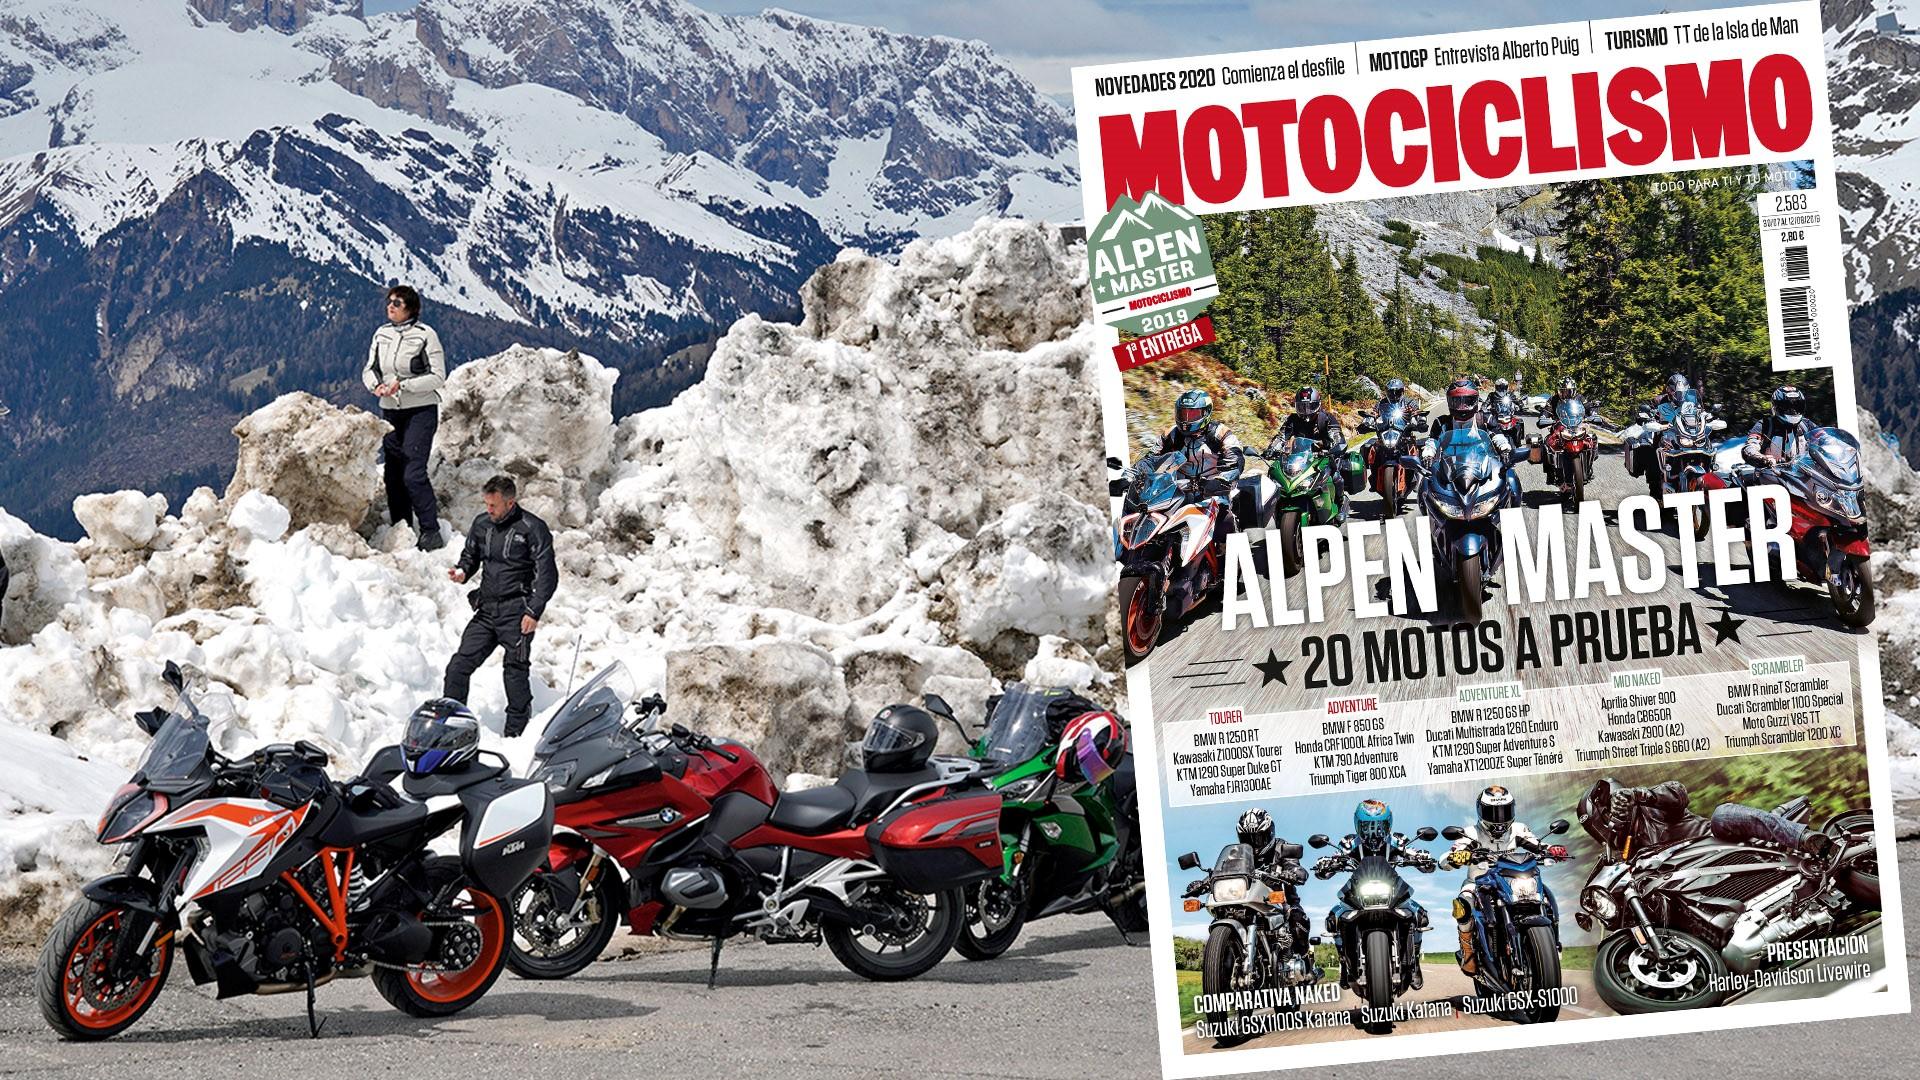 MOTOCICLISMO 2583, contenidos y sumario de la revista